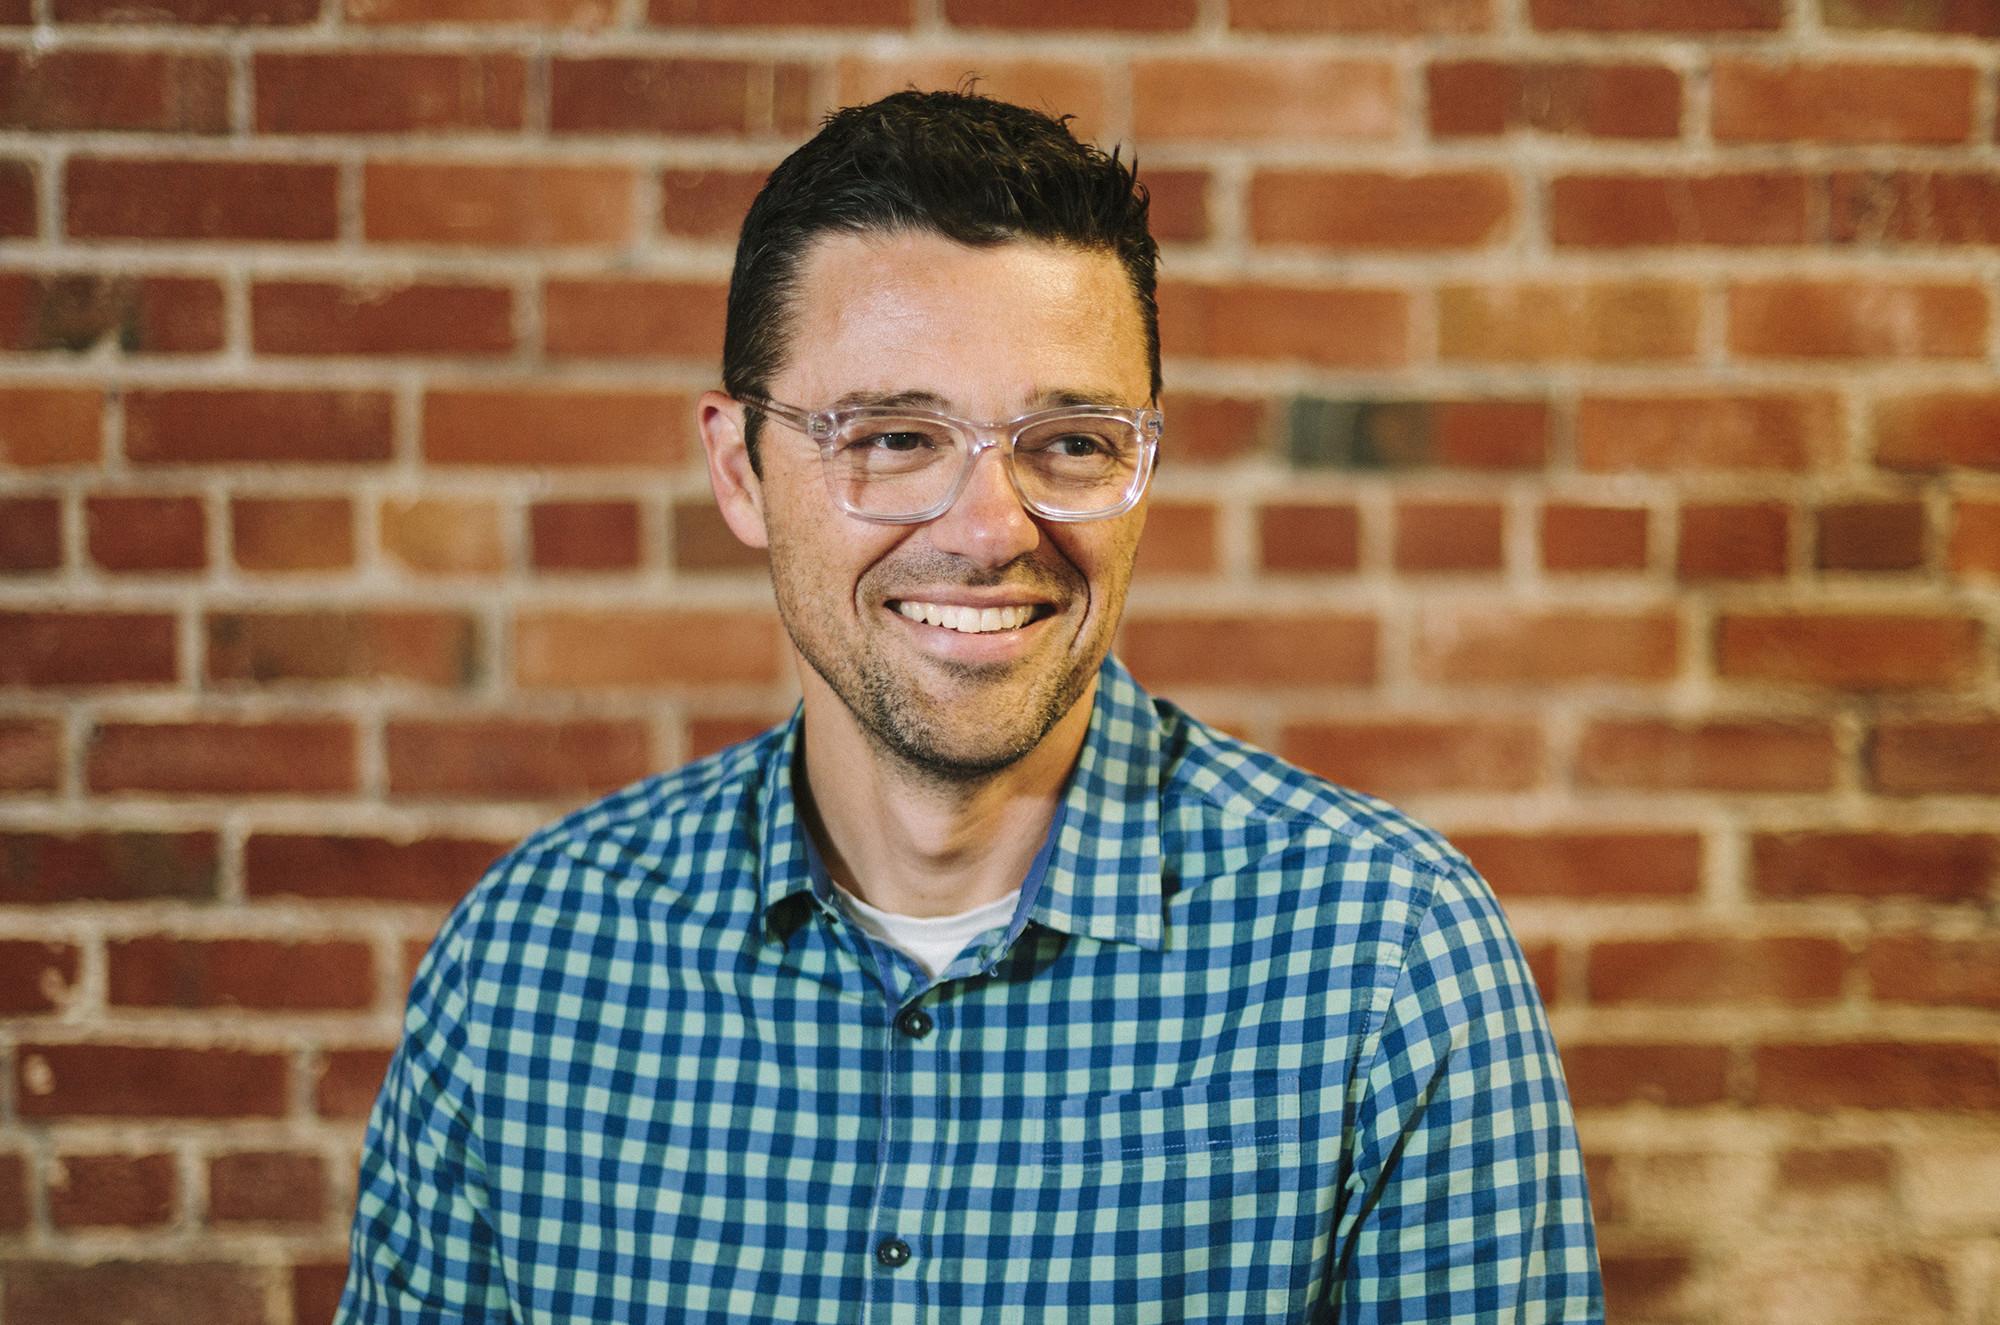 Rob Zirkle, Principal